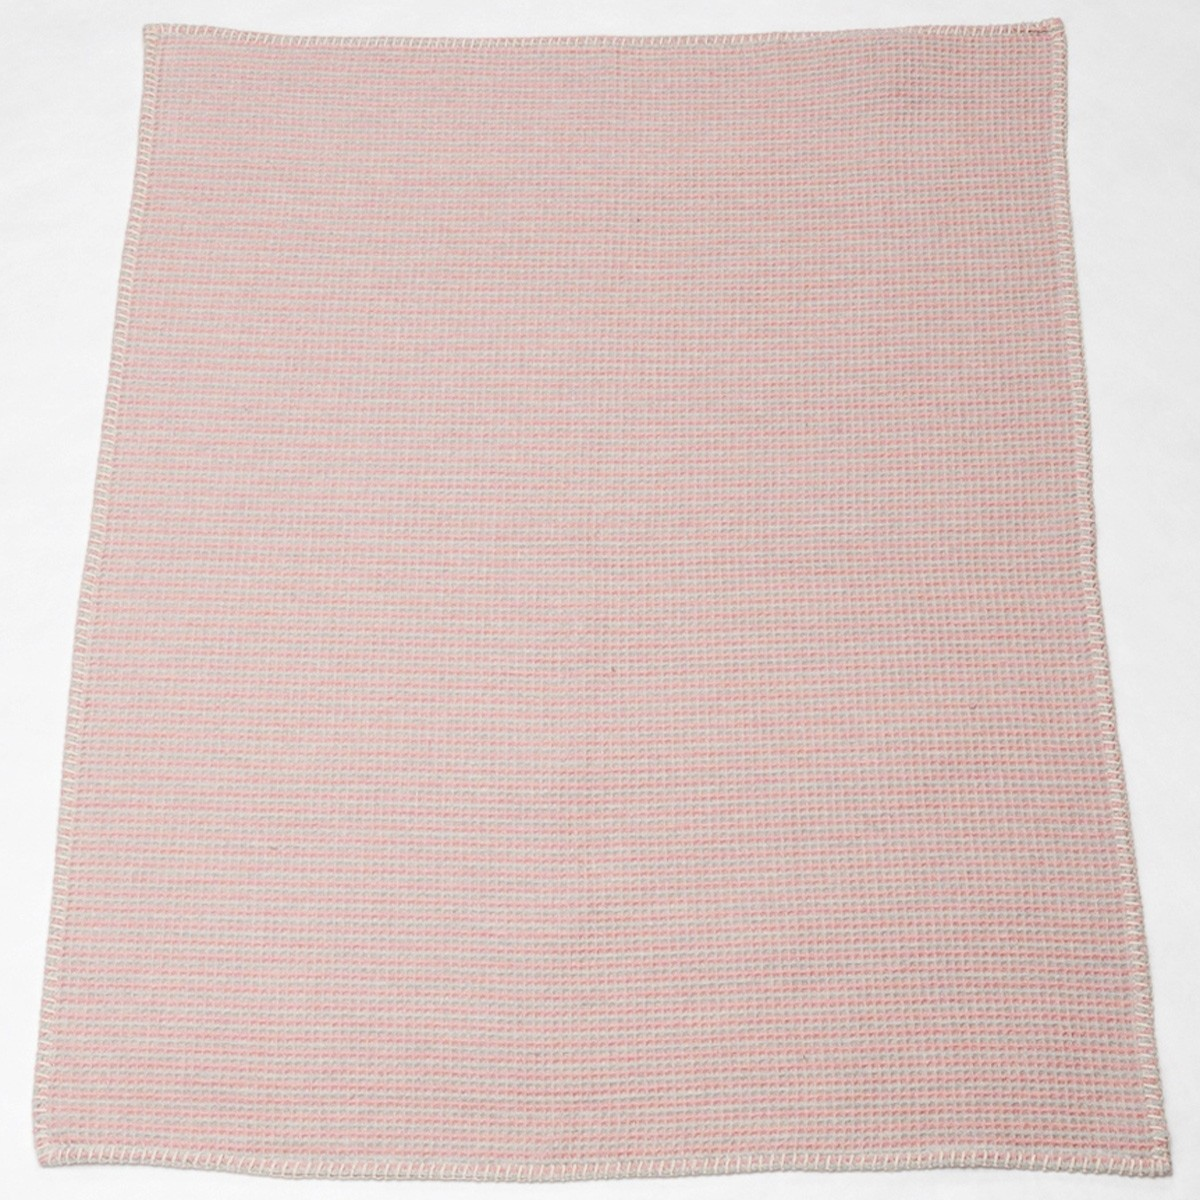 Κουβέρτα Fleece Αγκαλιάς David Fussenegger Lido 5005/14